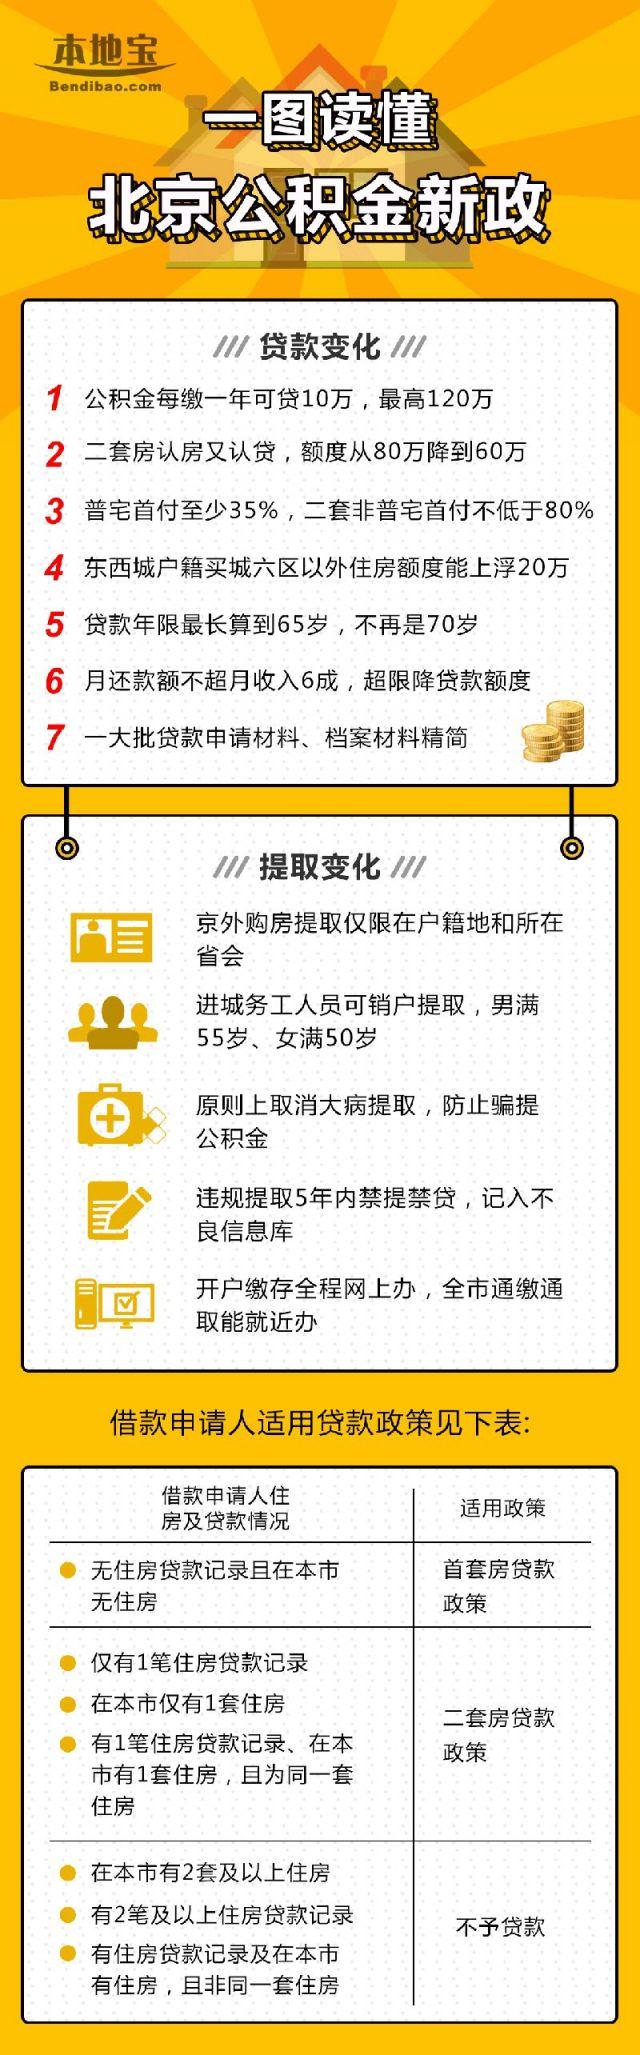 2018年9月起北京公积金实施差别化贷款政策 调整首付款比例